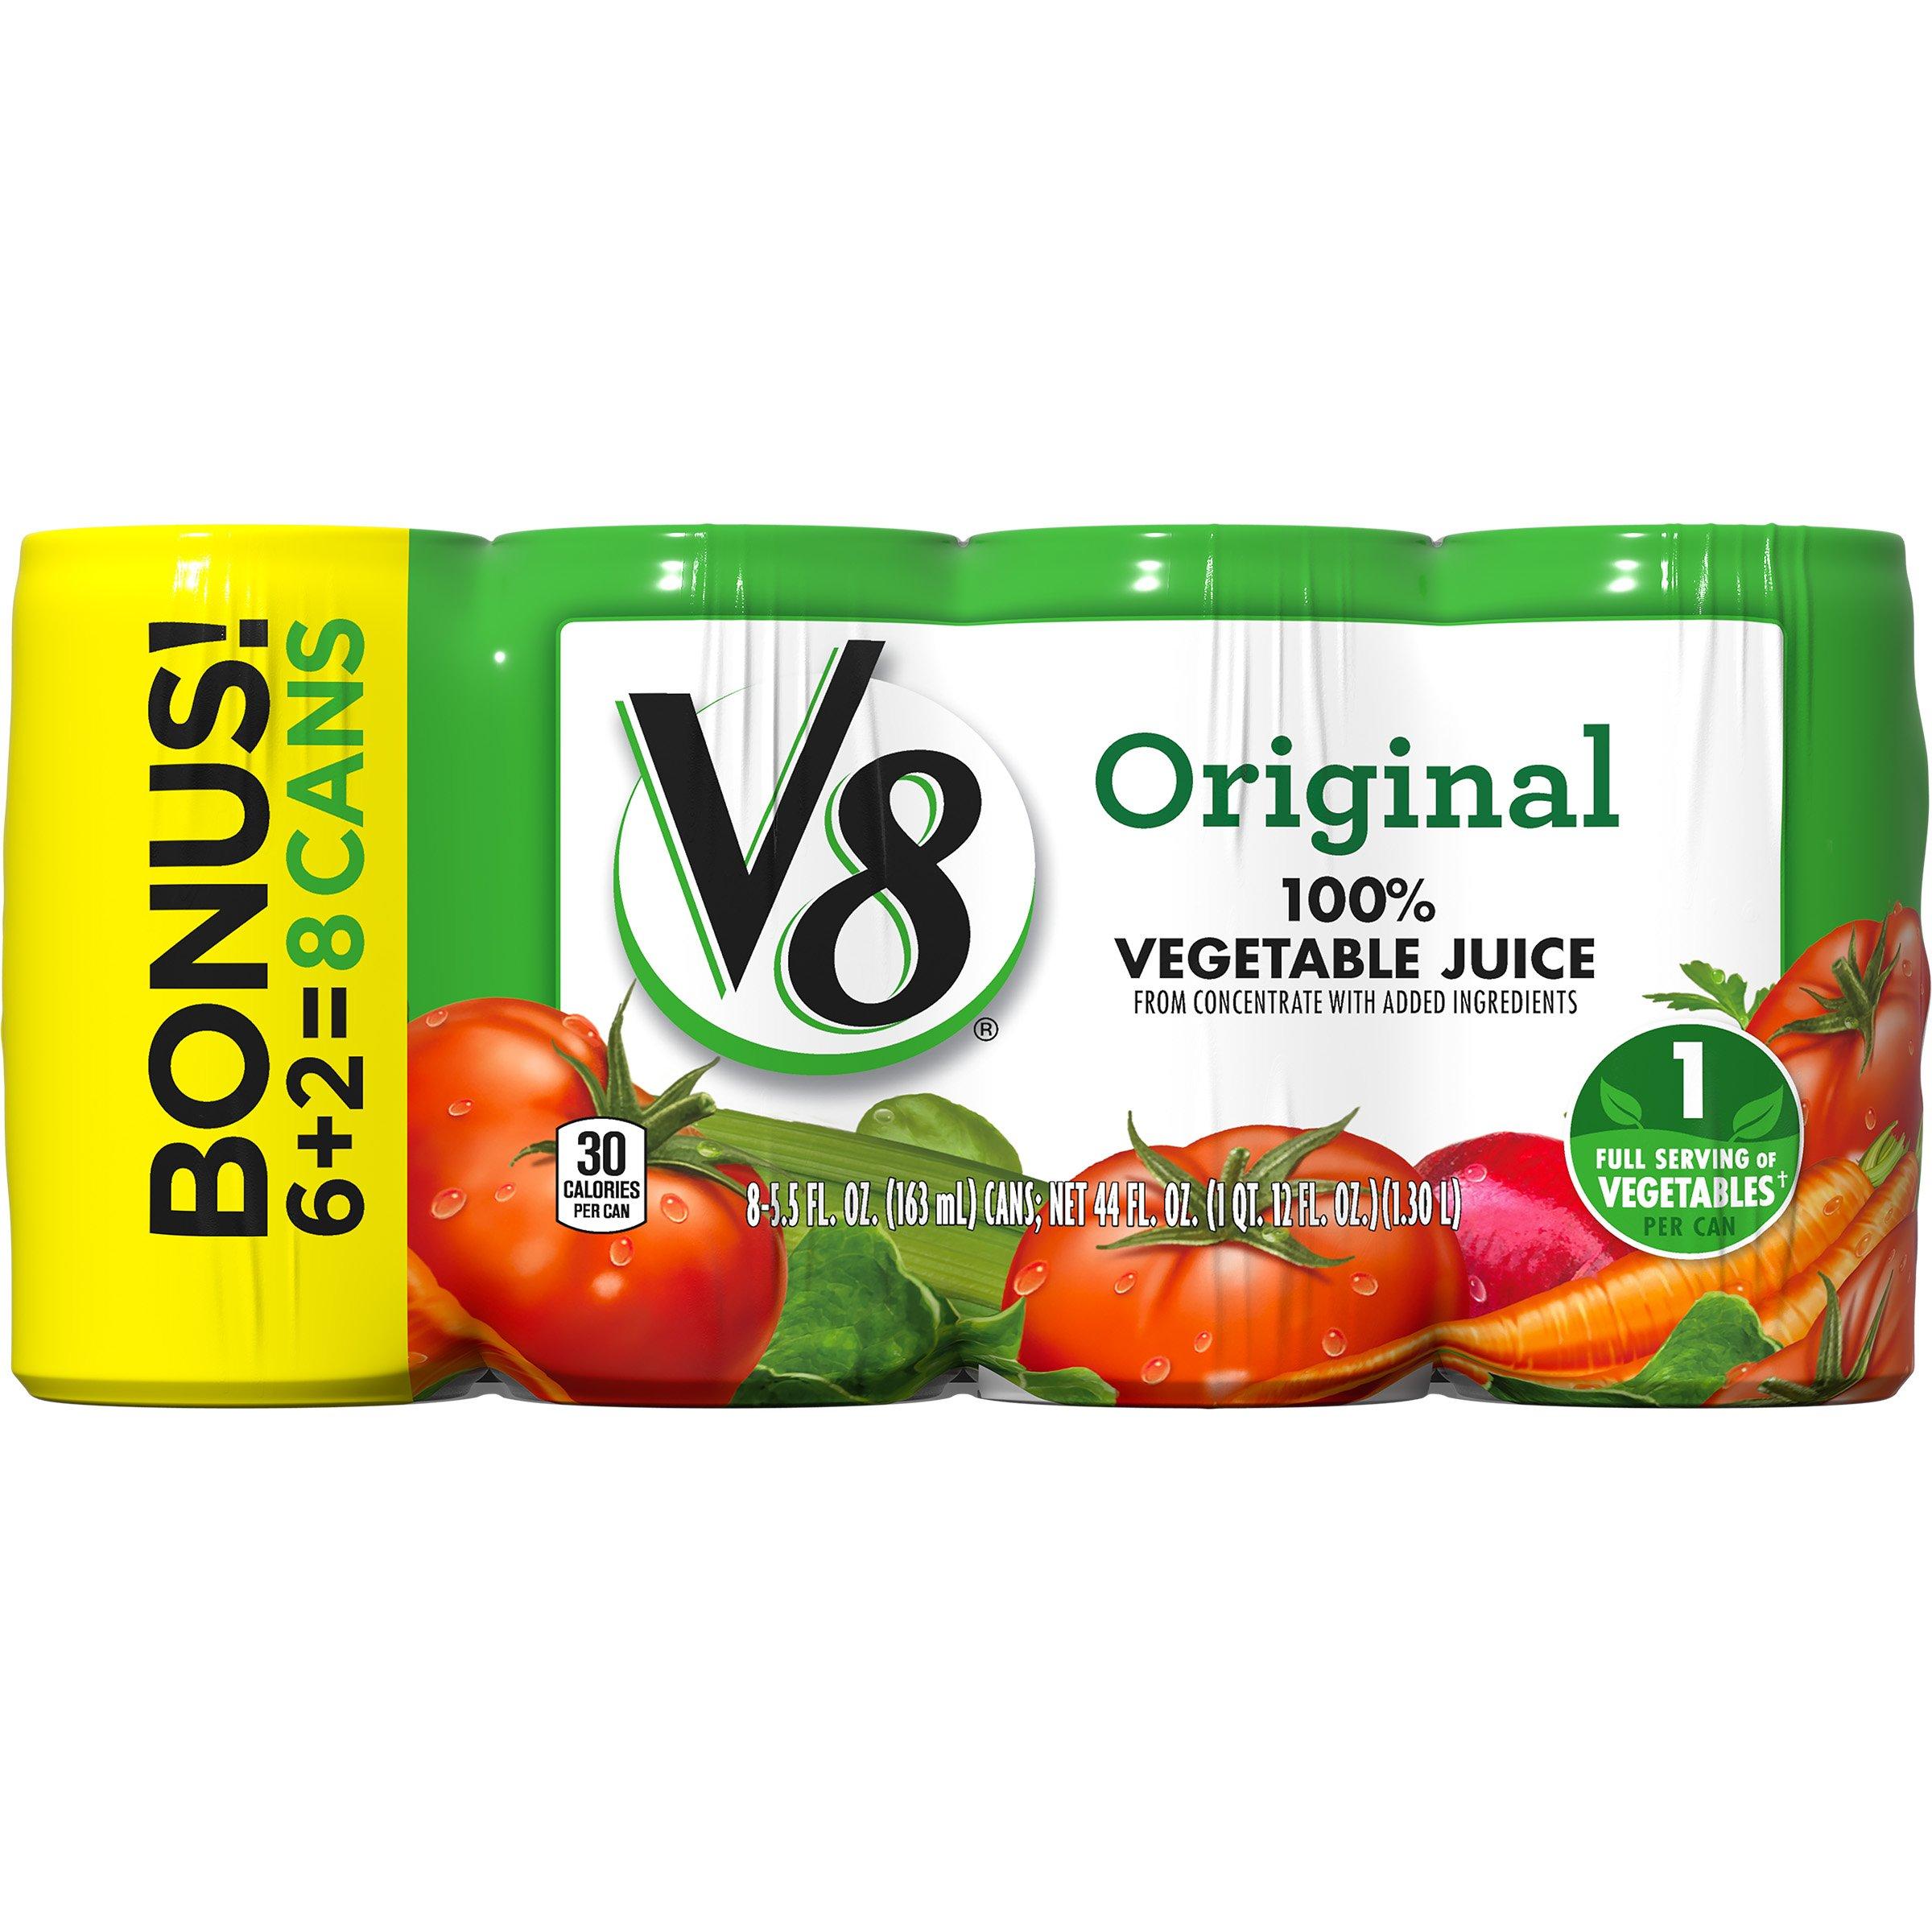 V8 Original 100% Vegetable Juice, 5.5 oz. Can (6 packs of 8